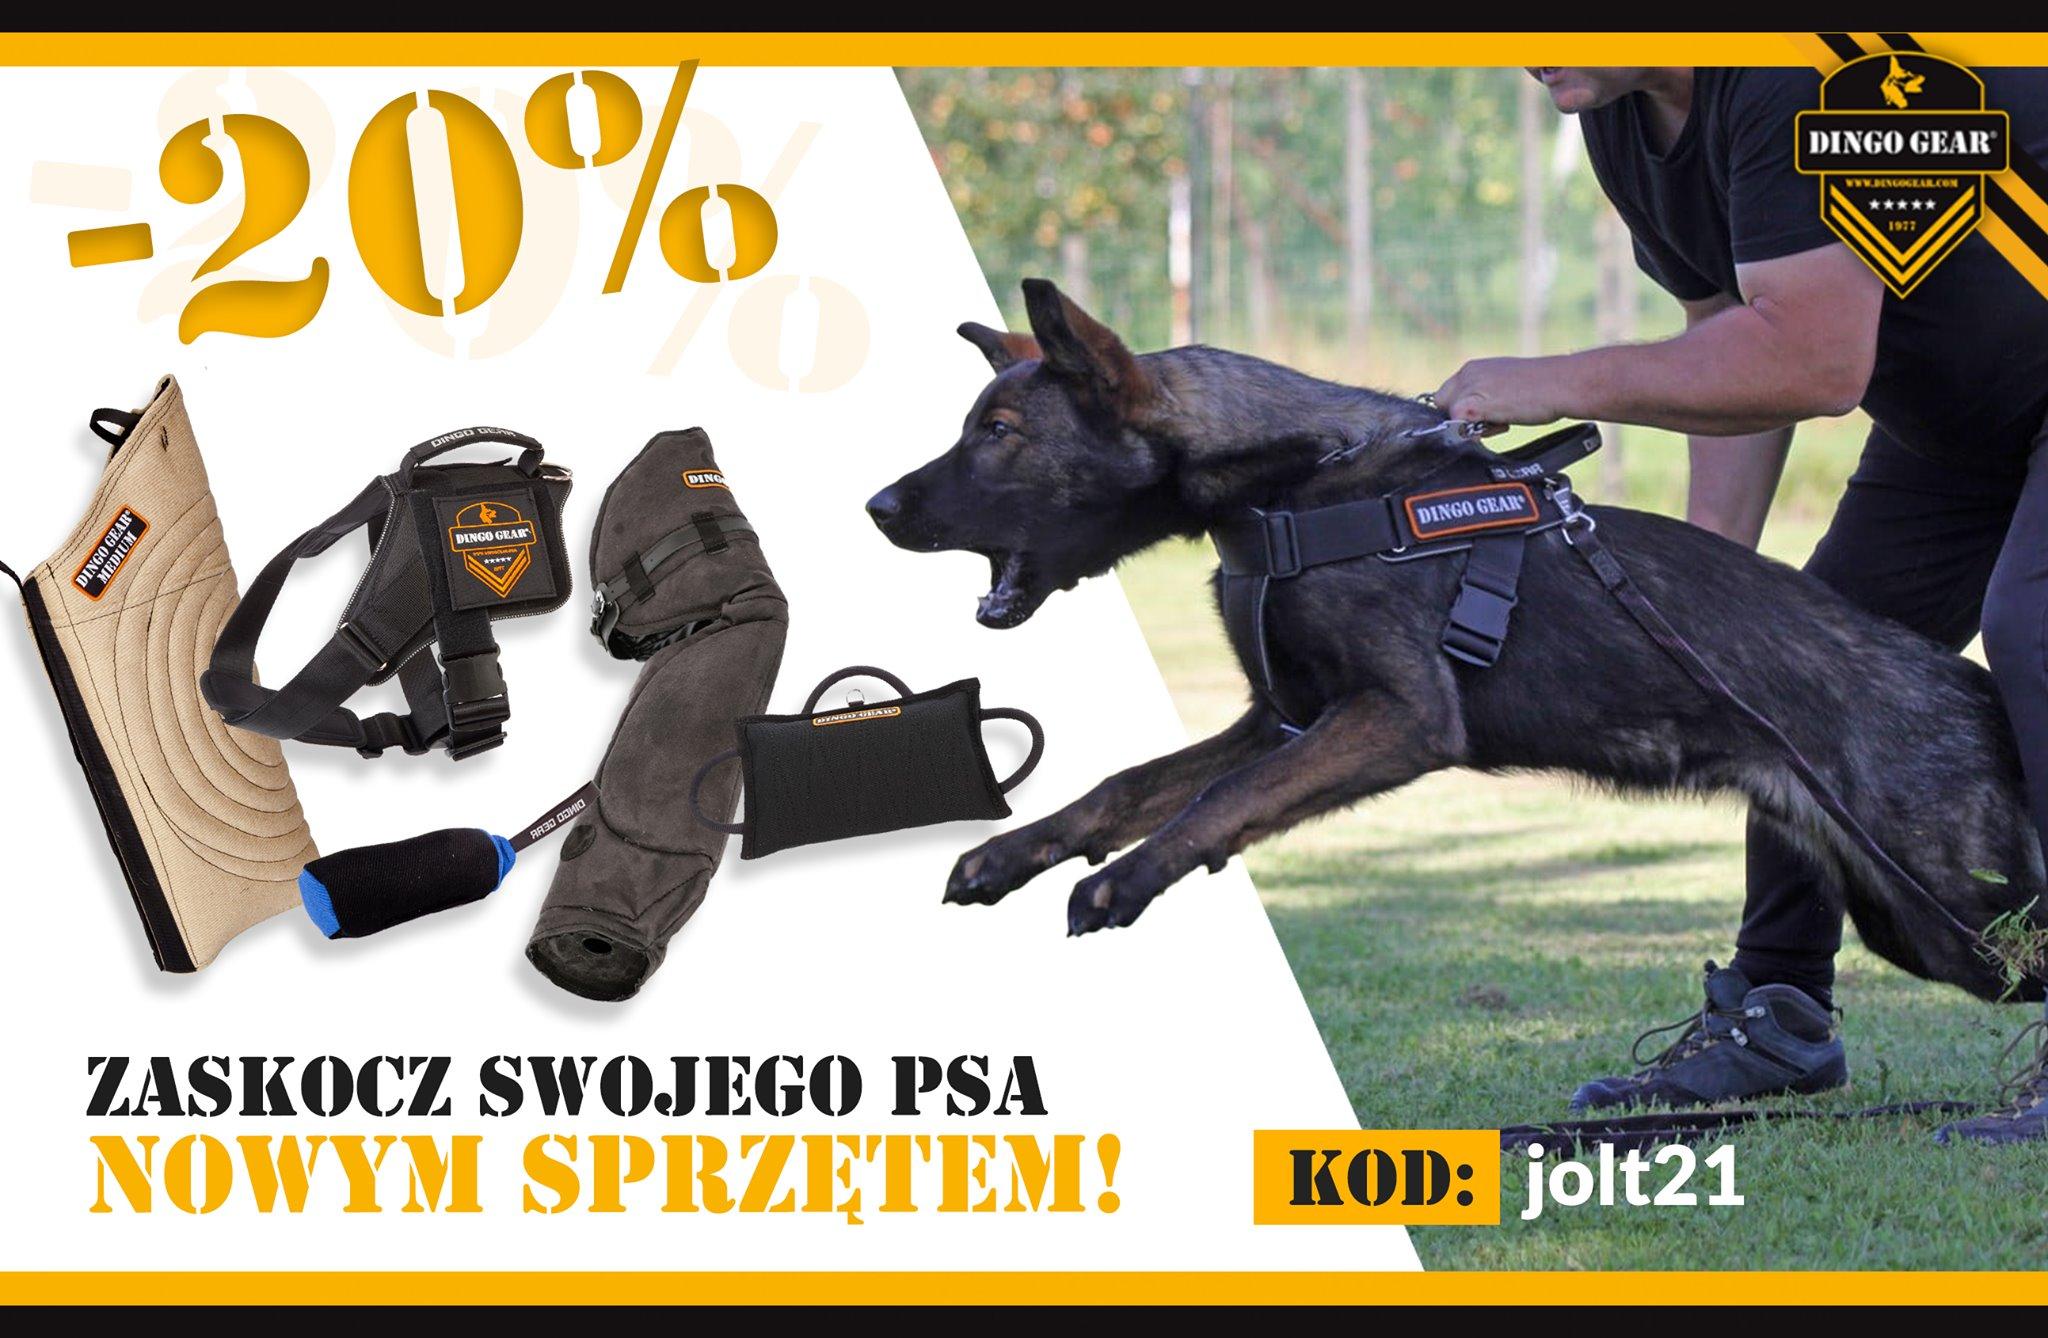 Zaskocz swojego psa innym sprzętem od Dingo Gear!